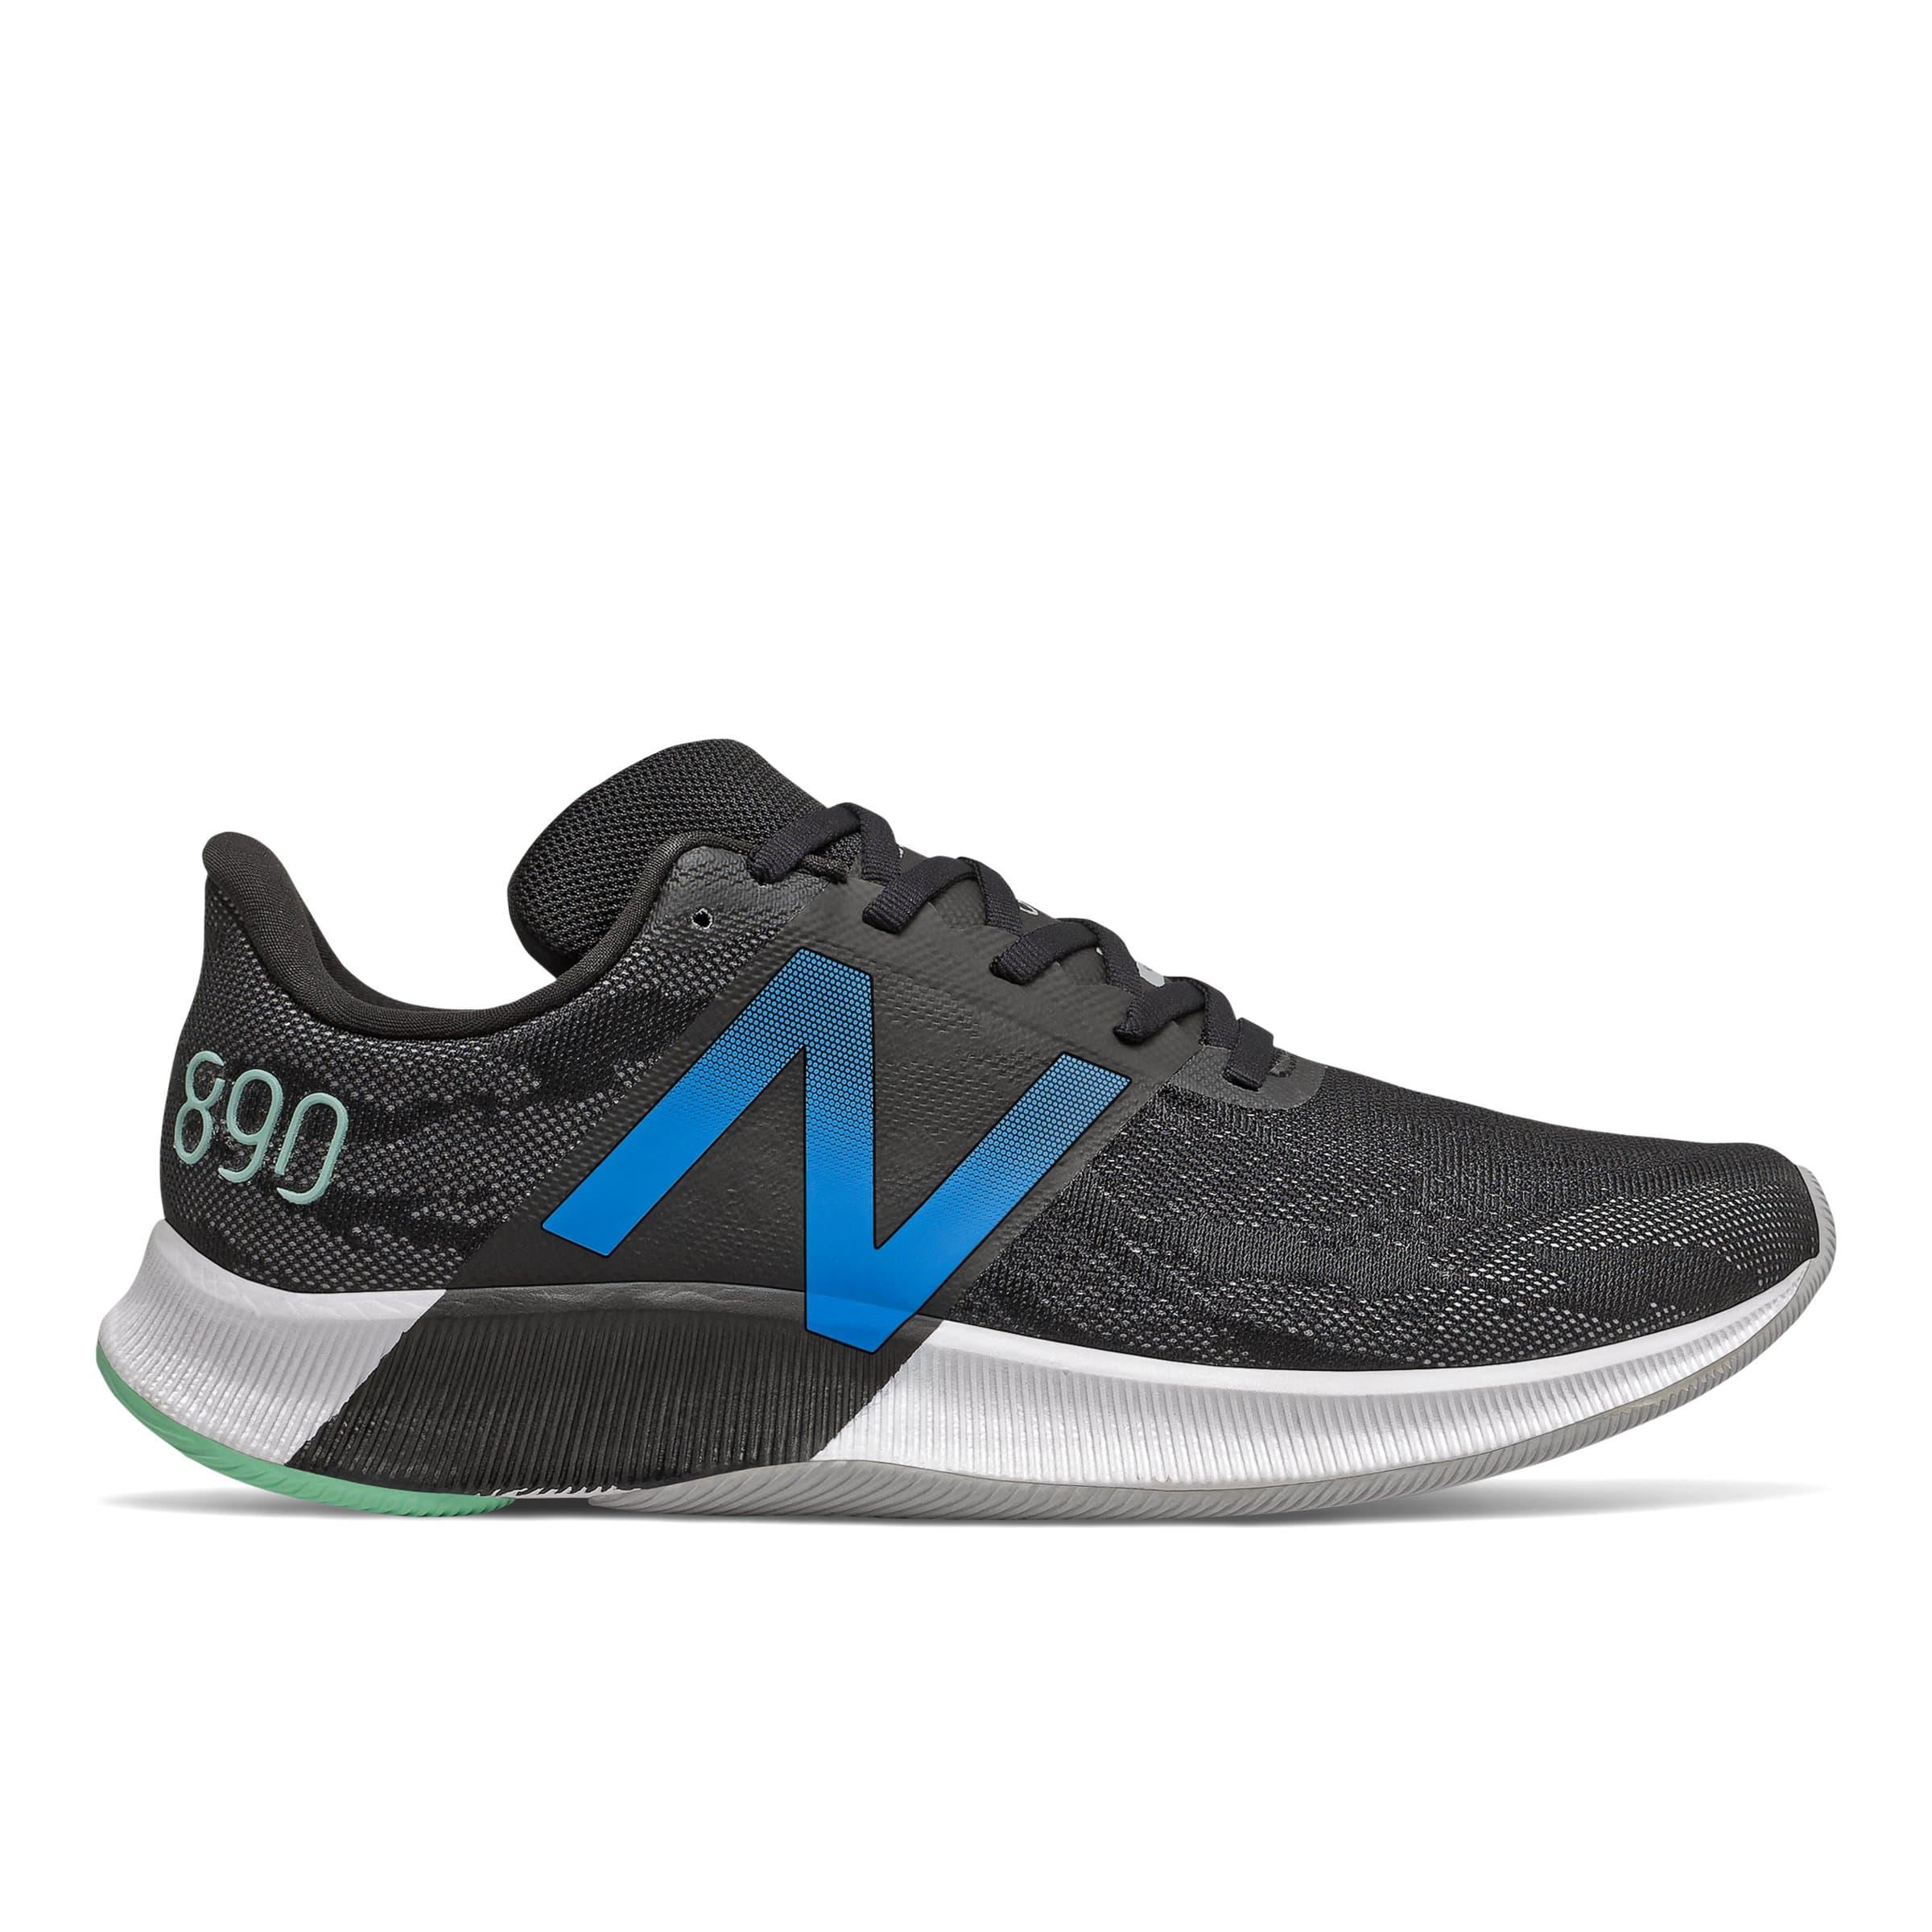 New Balance 890v8 Chaussures de course pour homme